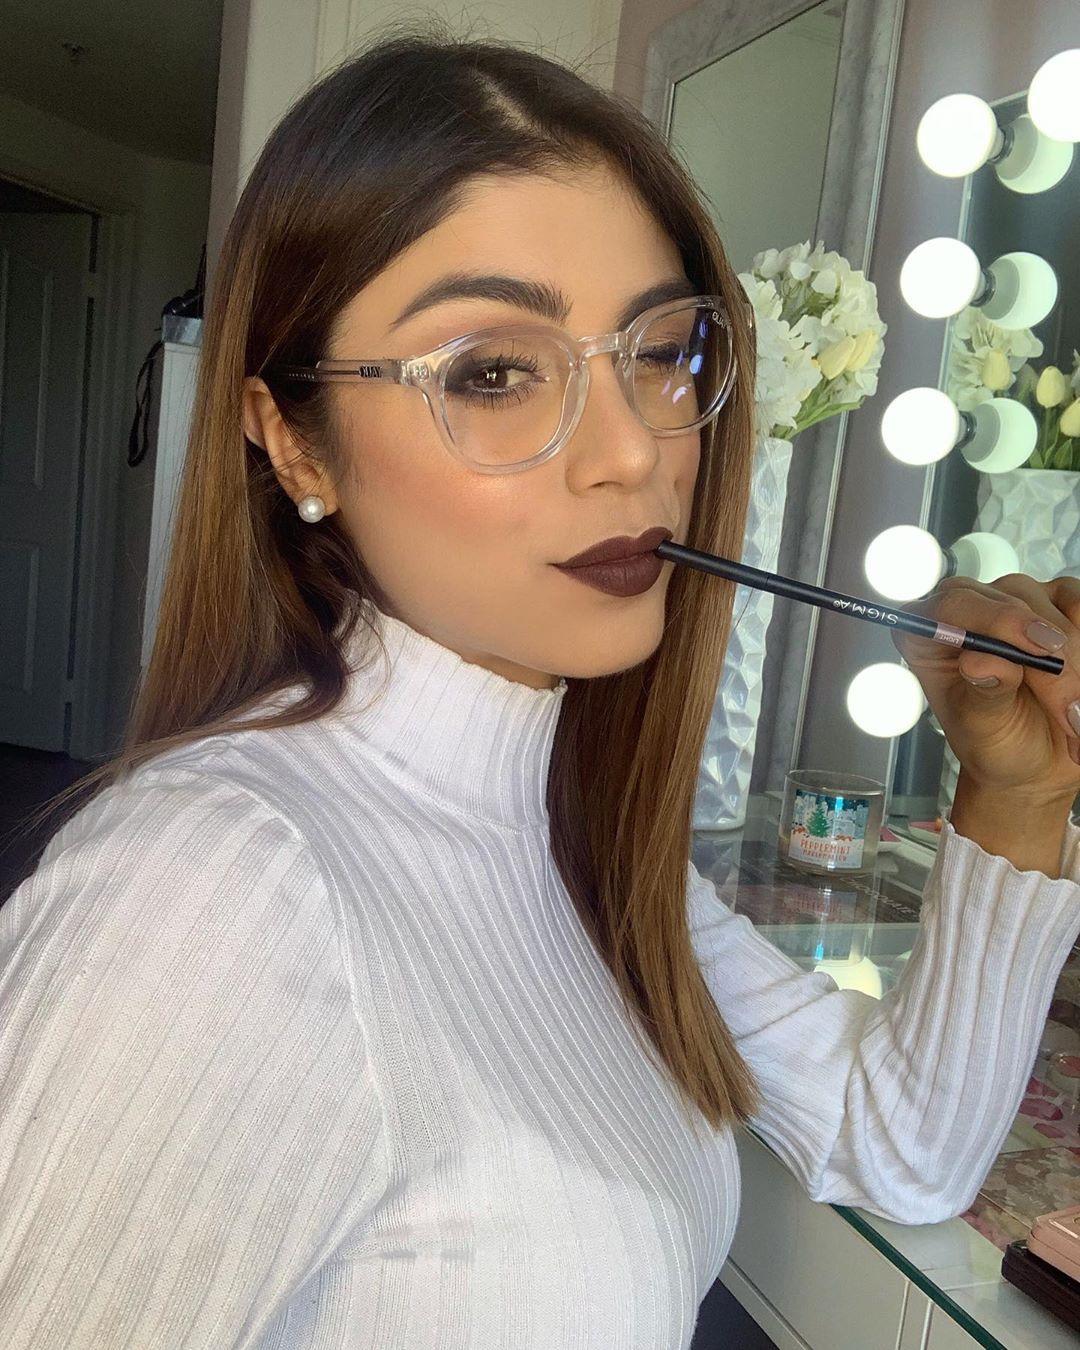 Paula Galindo On Instagram Por Acá Pensando En Ideas Nuevas Ya Me Habían Visto Con Gafas Thinking Of New Pautips Pautips Instagram Gafas De Ver Moda